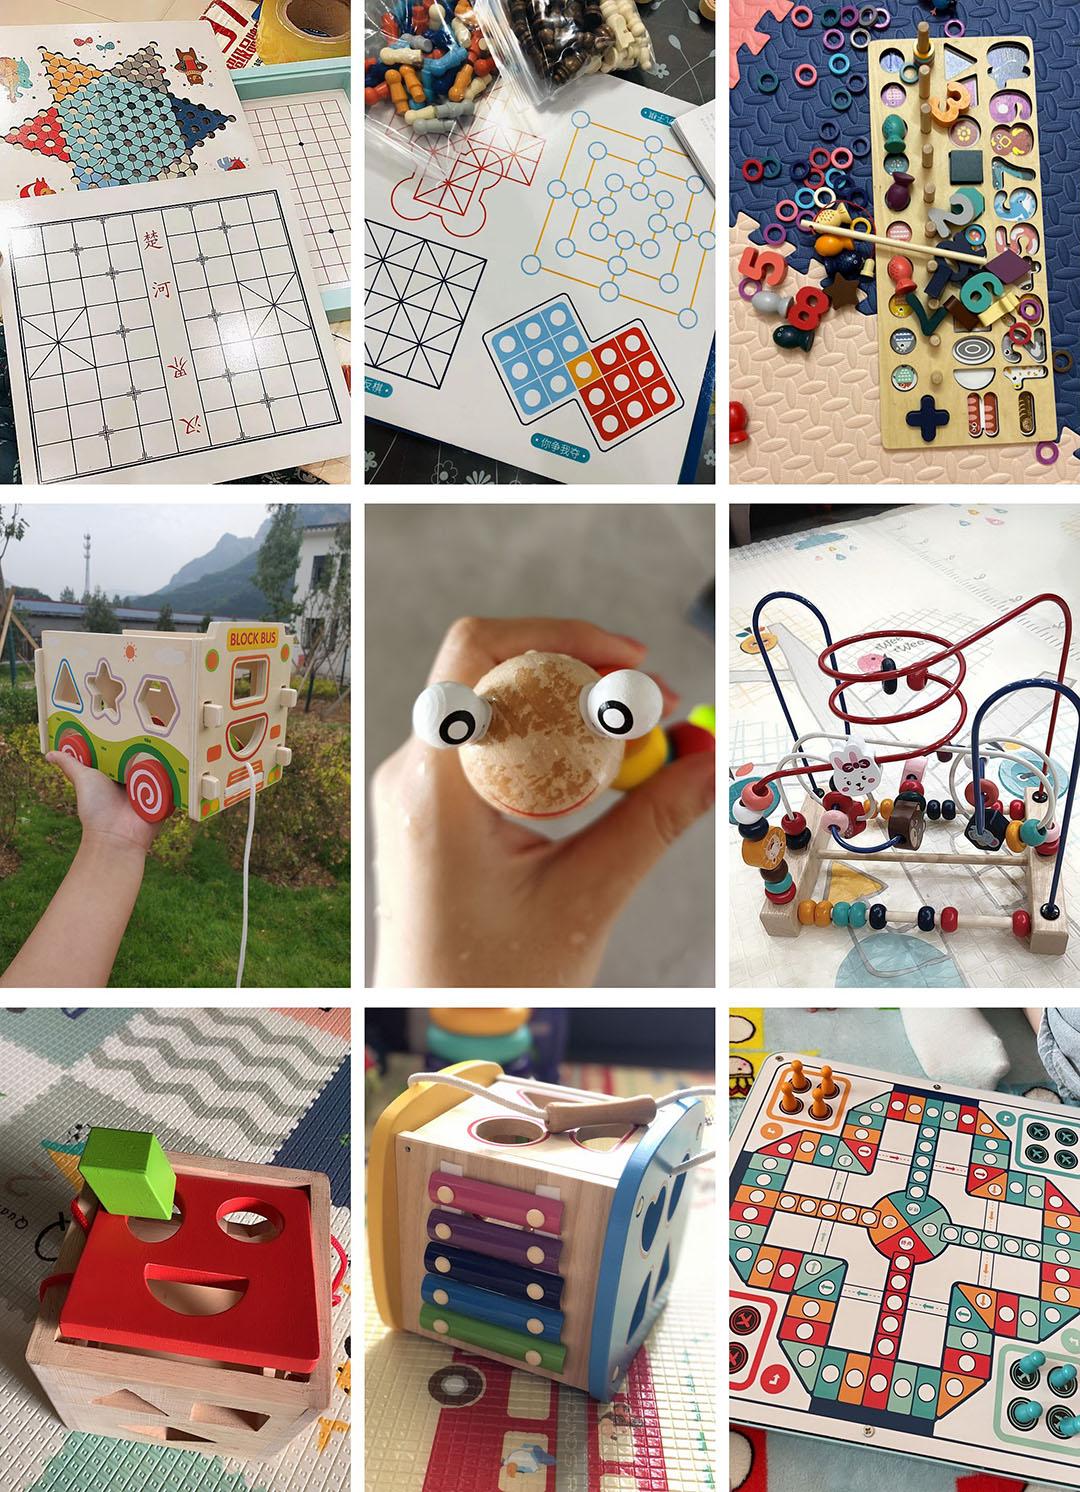 乐逗 STEM 玩具